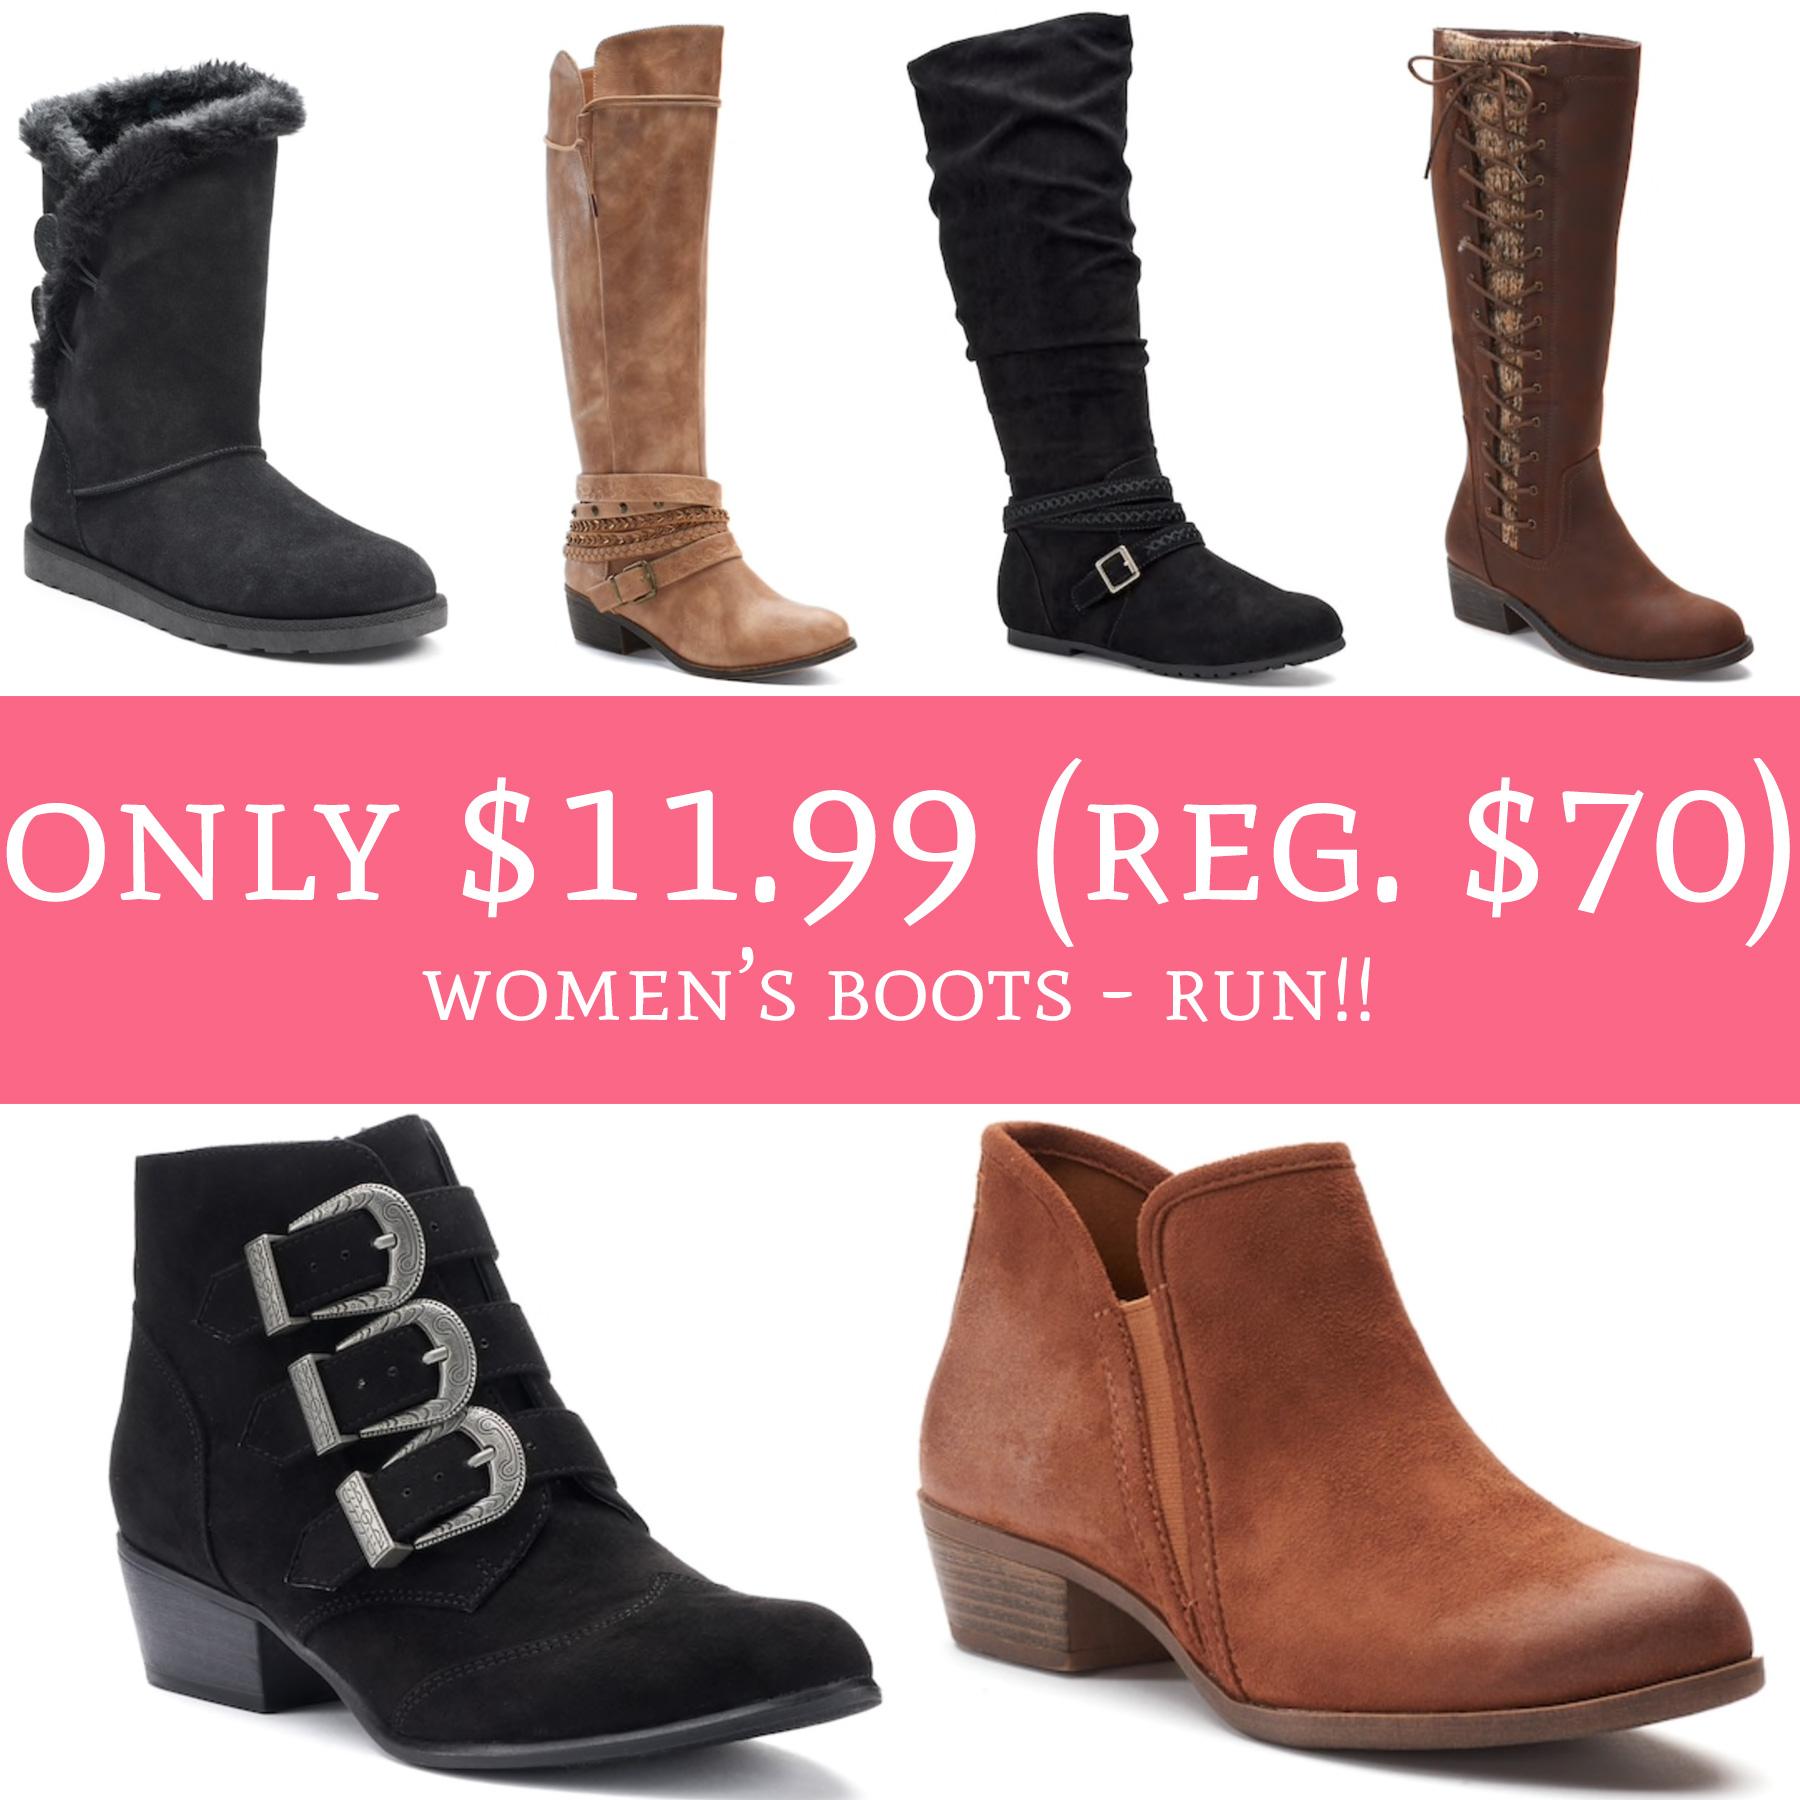 kohls womens leather boots \u003e Up to 72